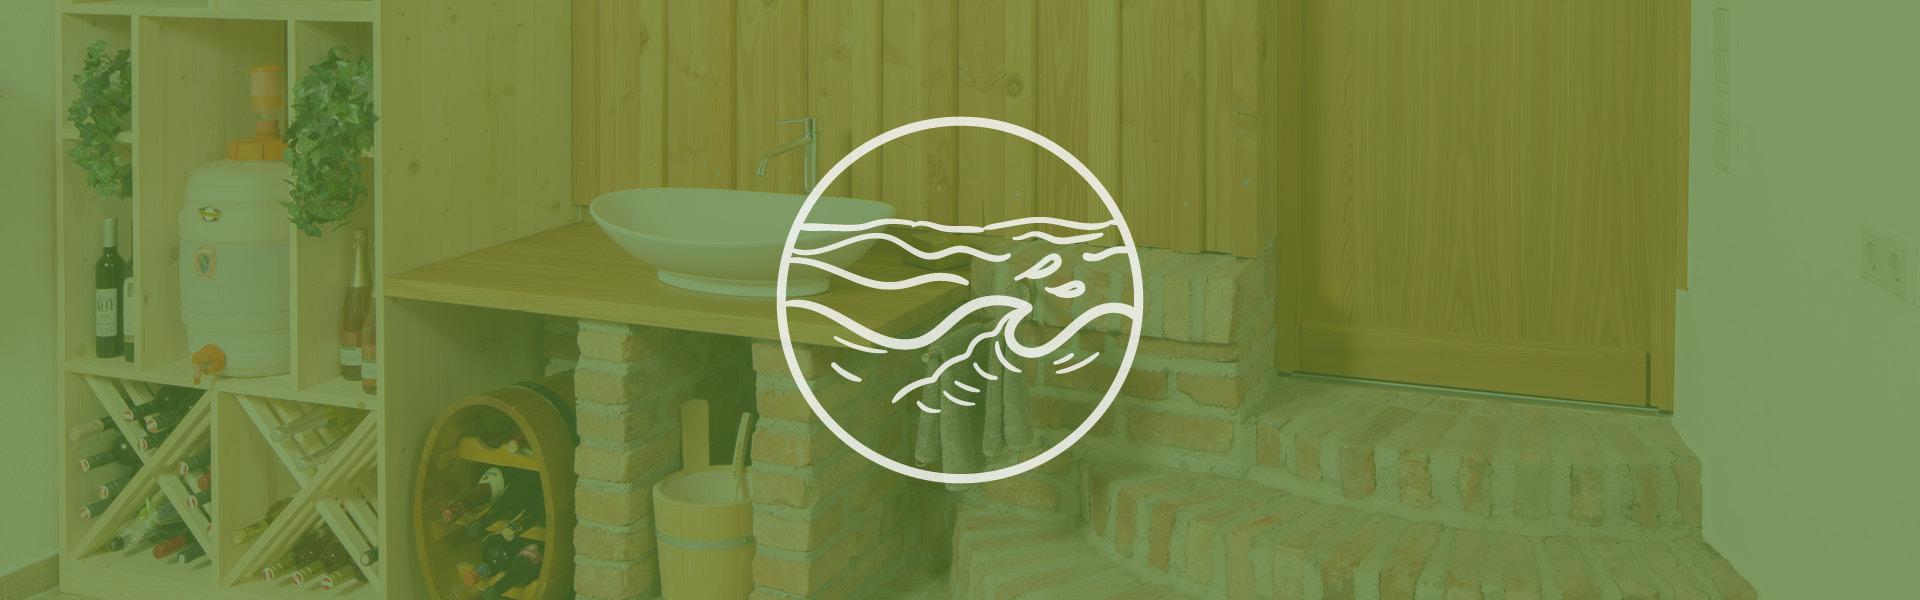 Eine Ansicht eines Stauraum im Massivholzhaus mit einem grünen Farbton und einem Symbol für Wasser.